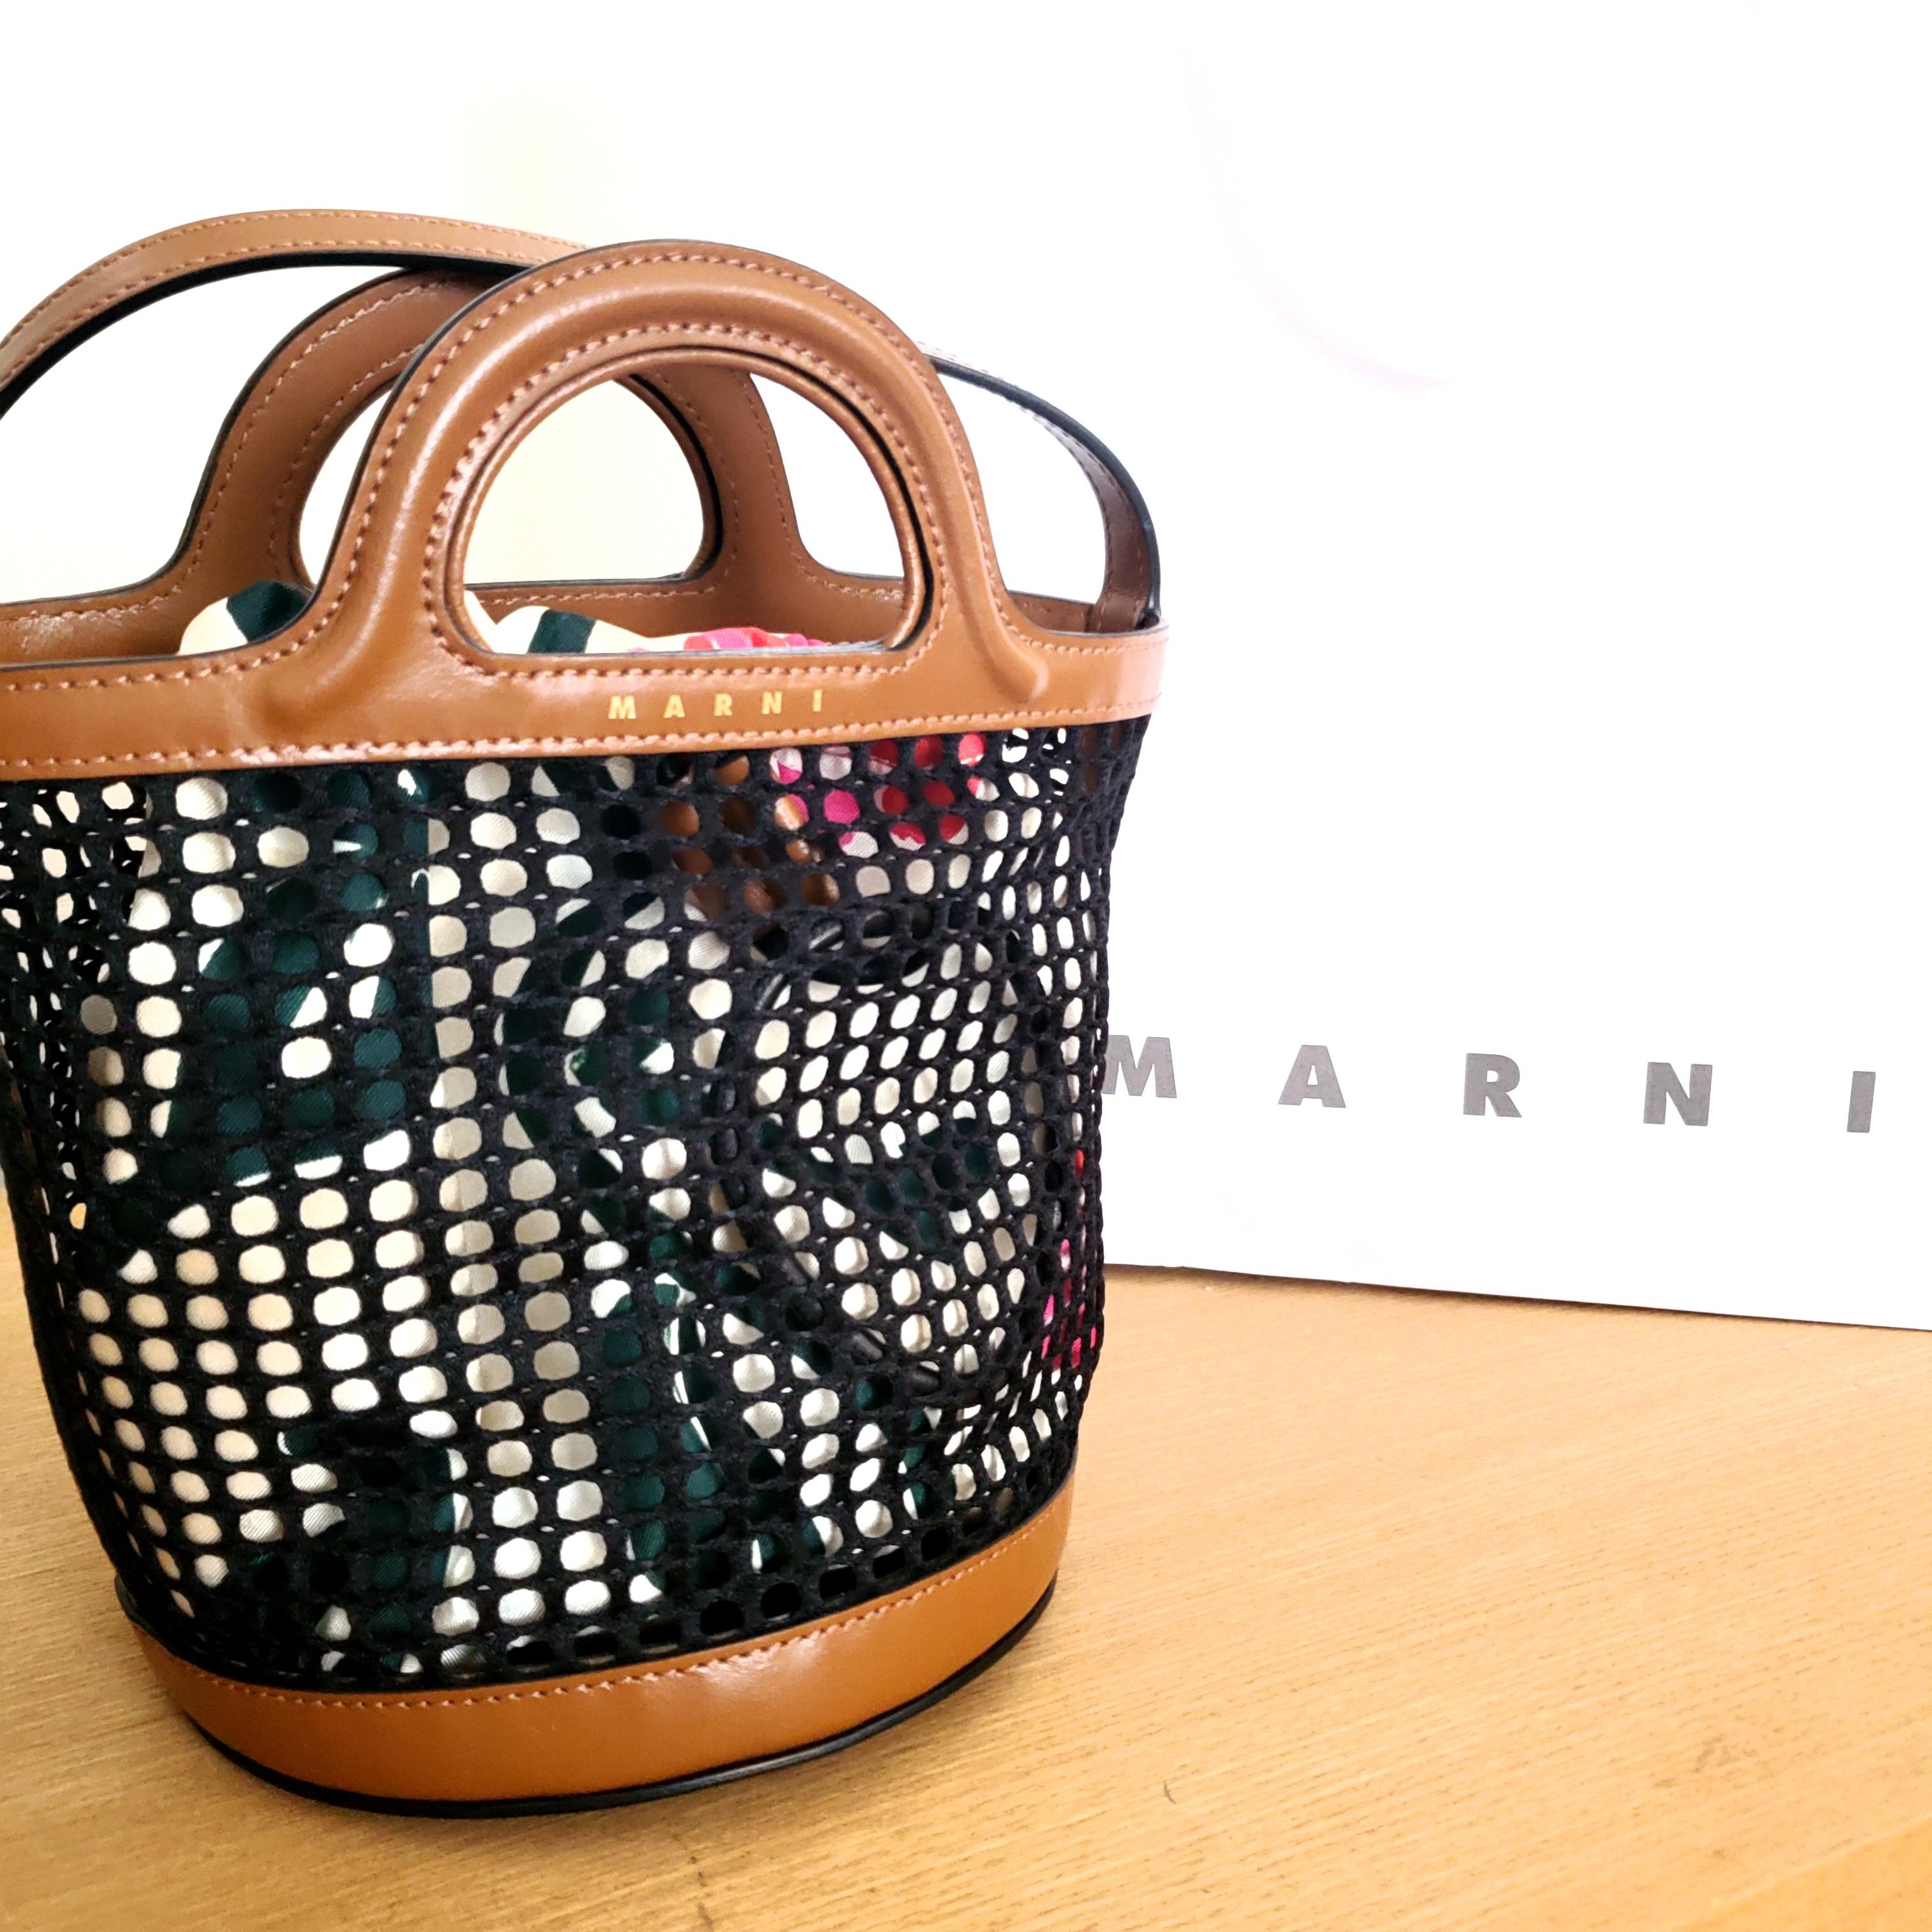 人気ブランド《夏のかごバッグ》バケツ型バッグでこなれ感【MARNI】_1